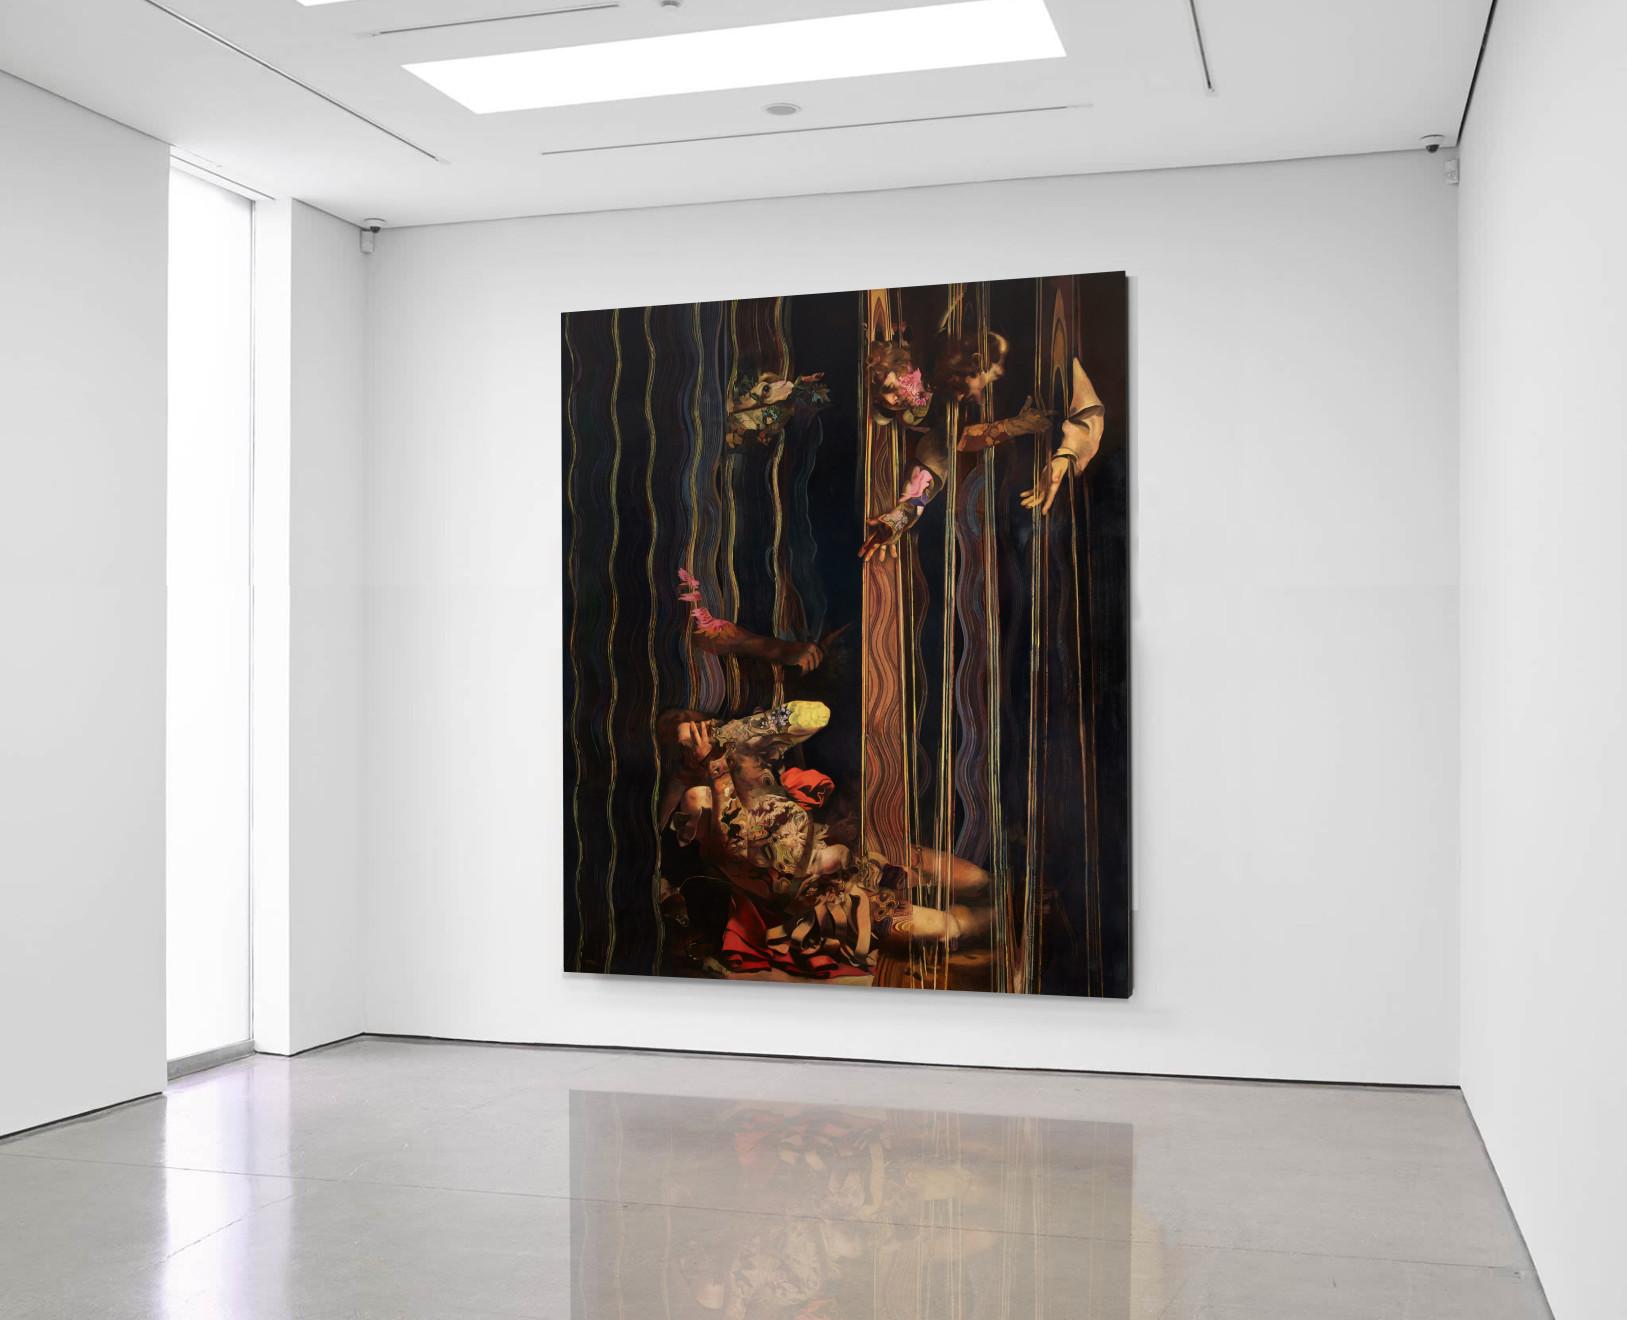 Wolfe von Lenkiewicz, Conversion of Saul Installation